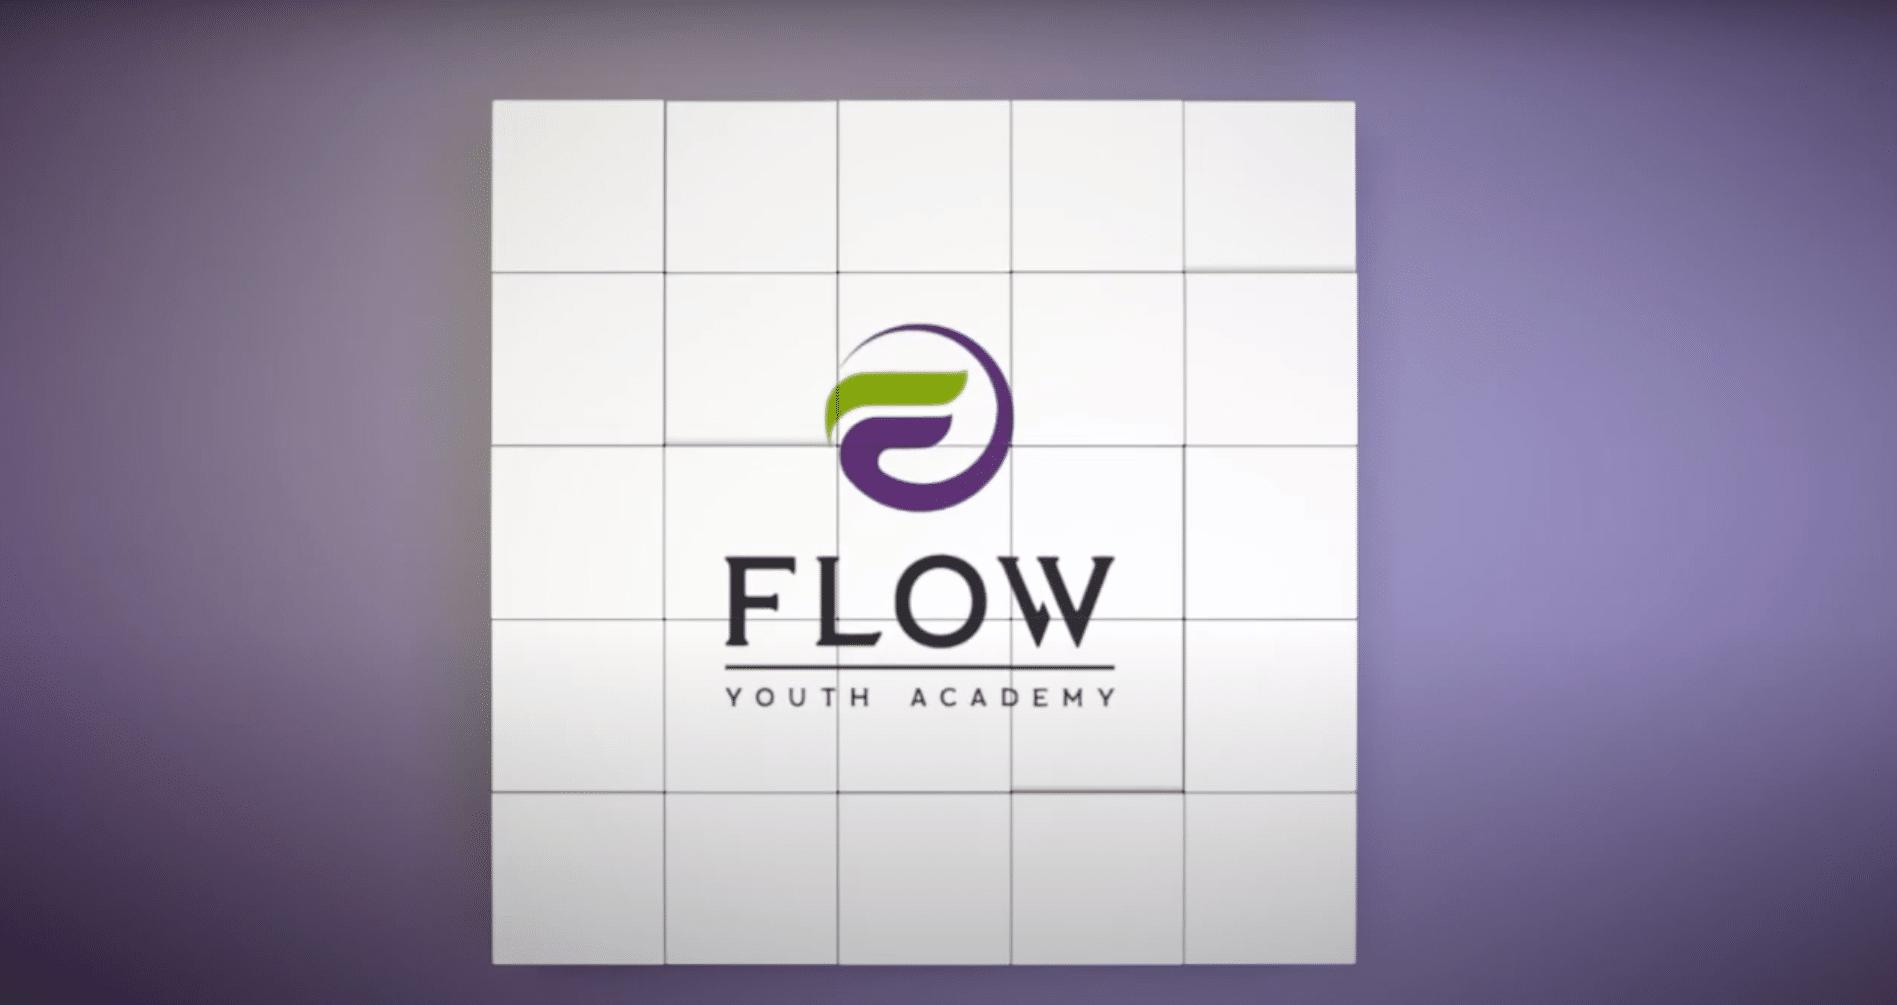 """Баннер с логотипом """"Flow Youth Academy"""" - детский школы TRIZ (ТРИЗ) для детей и подростков в Киеве- 2."""